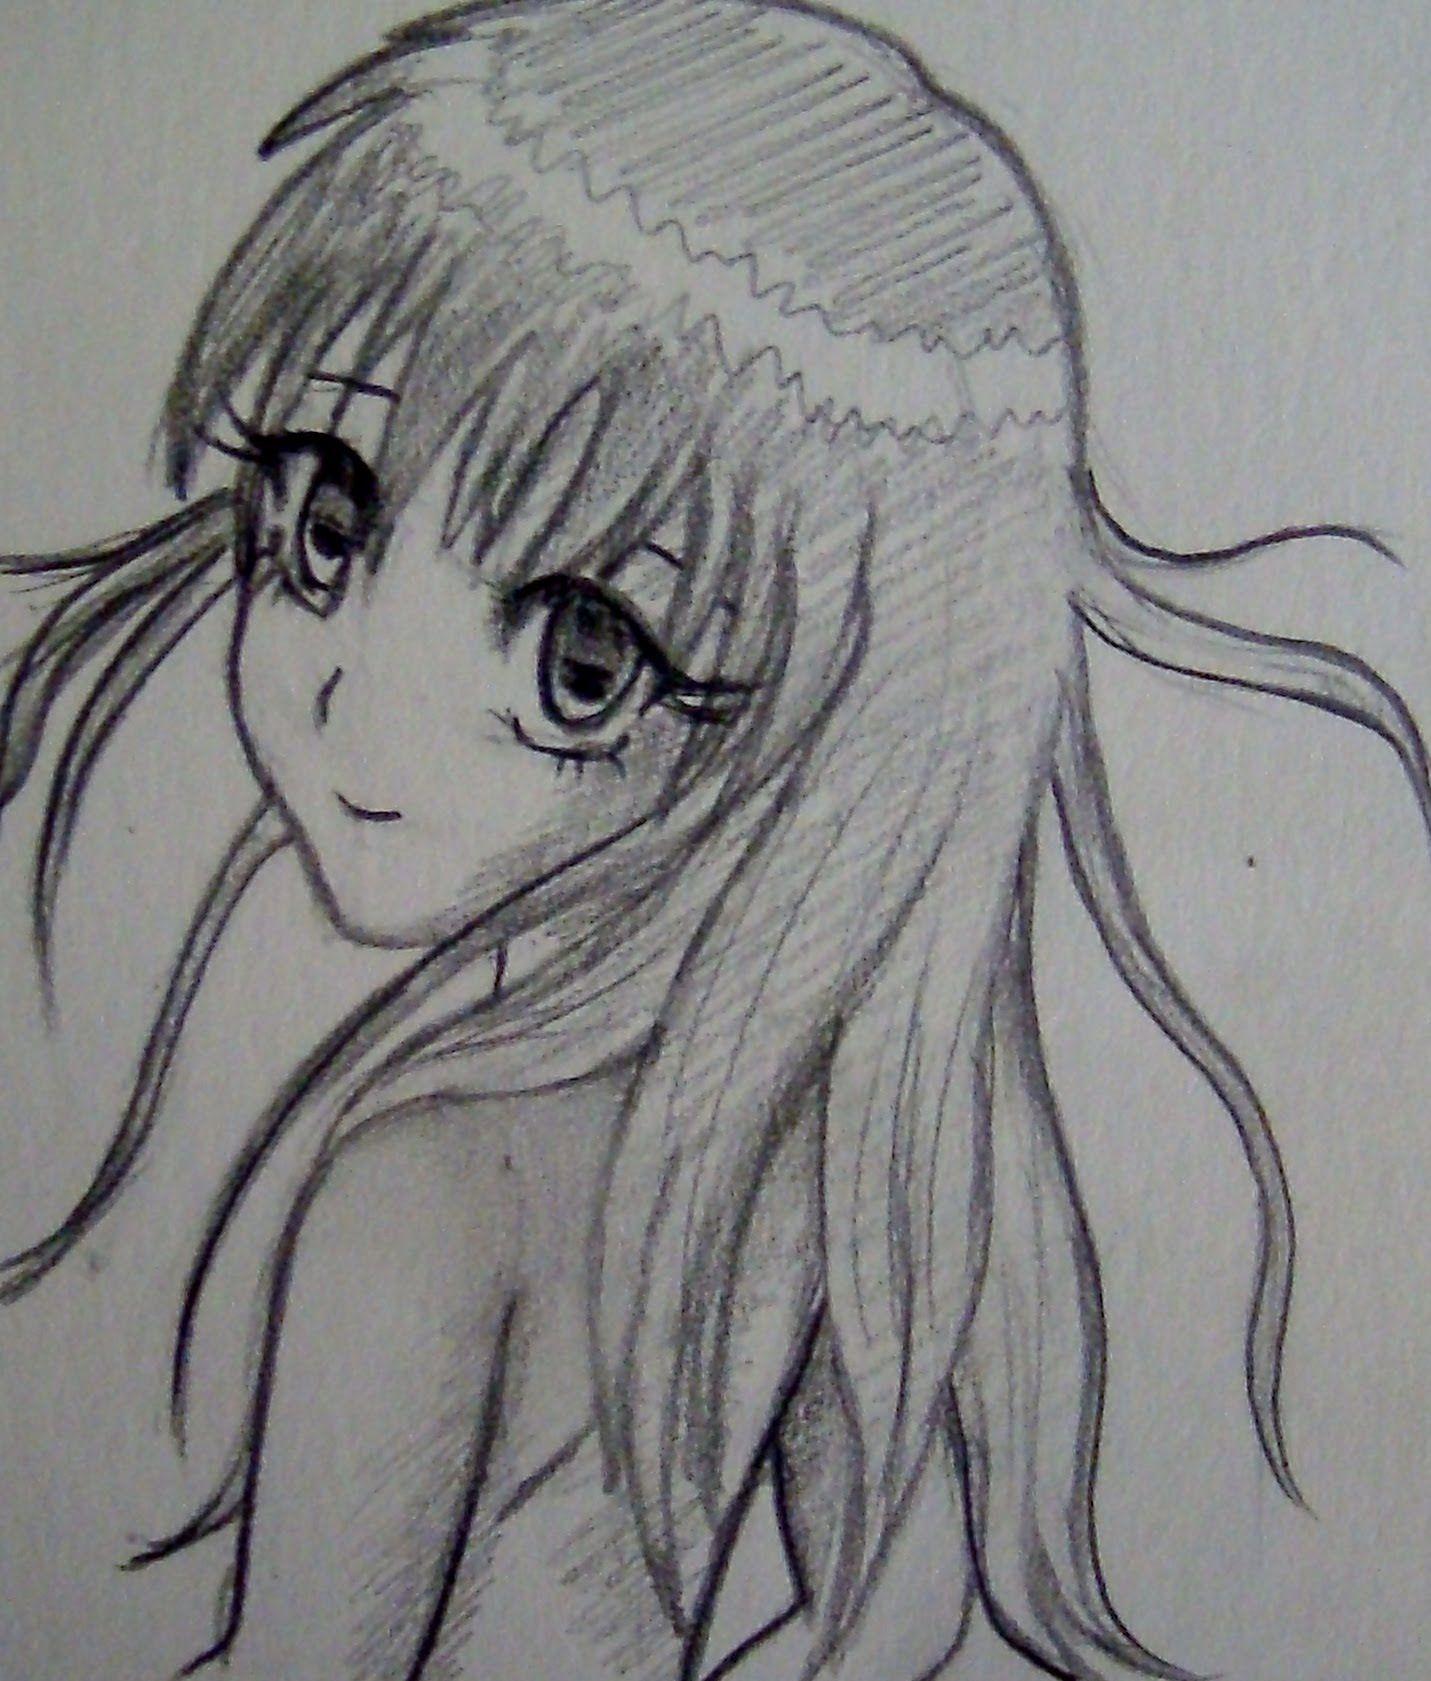 Como Dibujar Posiciones De Rostro Manga 6 Posiciones Diferentes Como Dibujar Anime Facil Dibujos De Anime Dibujos